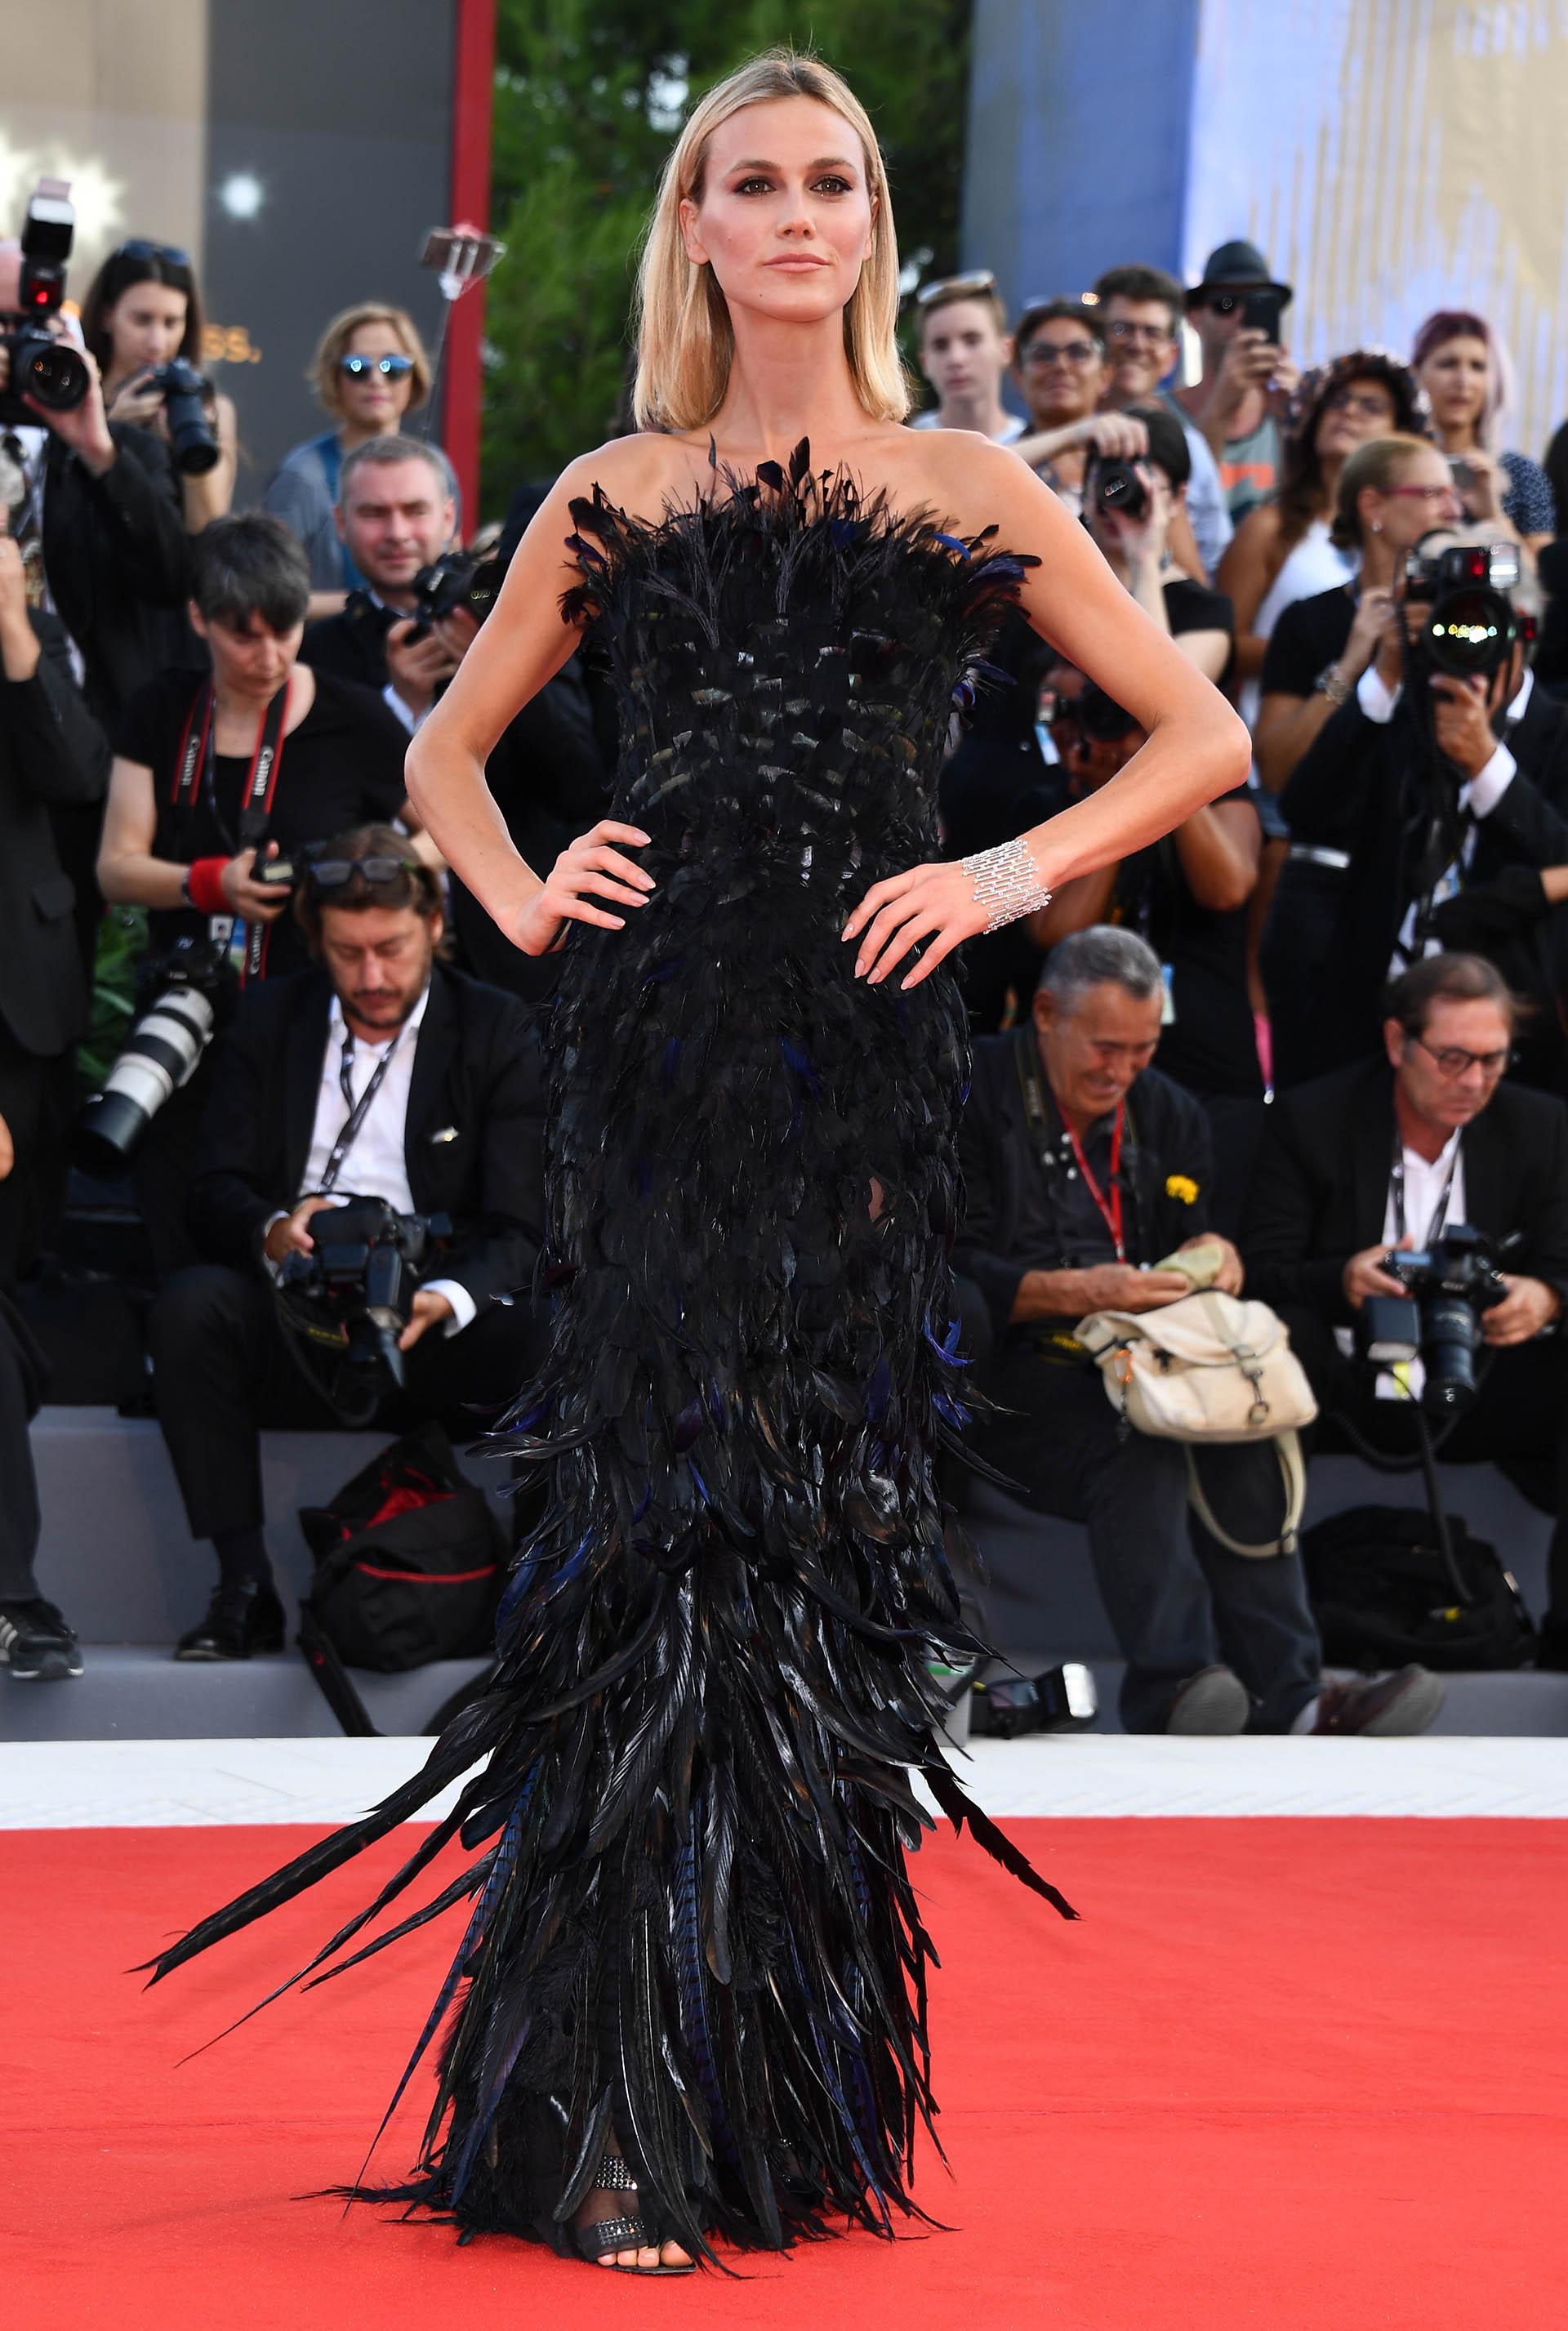 La modelo brasileña Renata Kuerten apostó por un elaborado vestido negro de plumas de la firma Alberta Ferretti (Pascal Le Segretain/Getty Images)